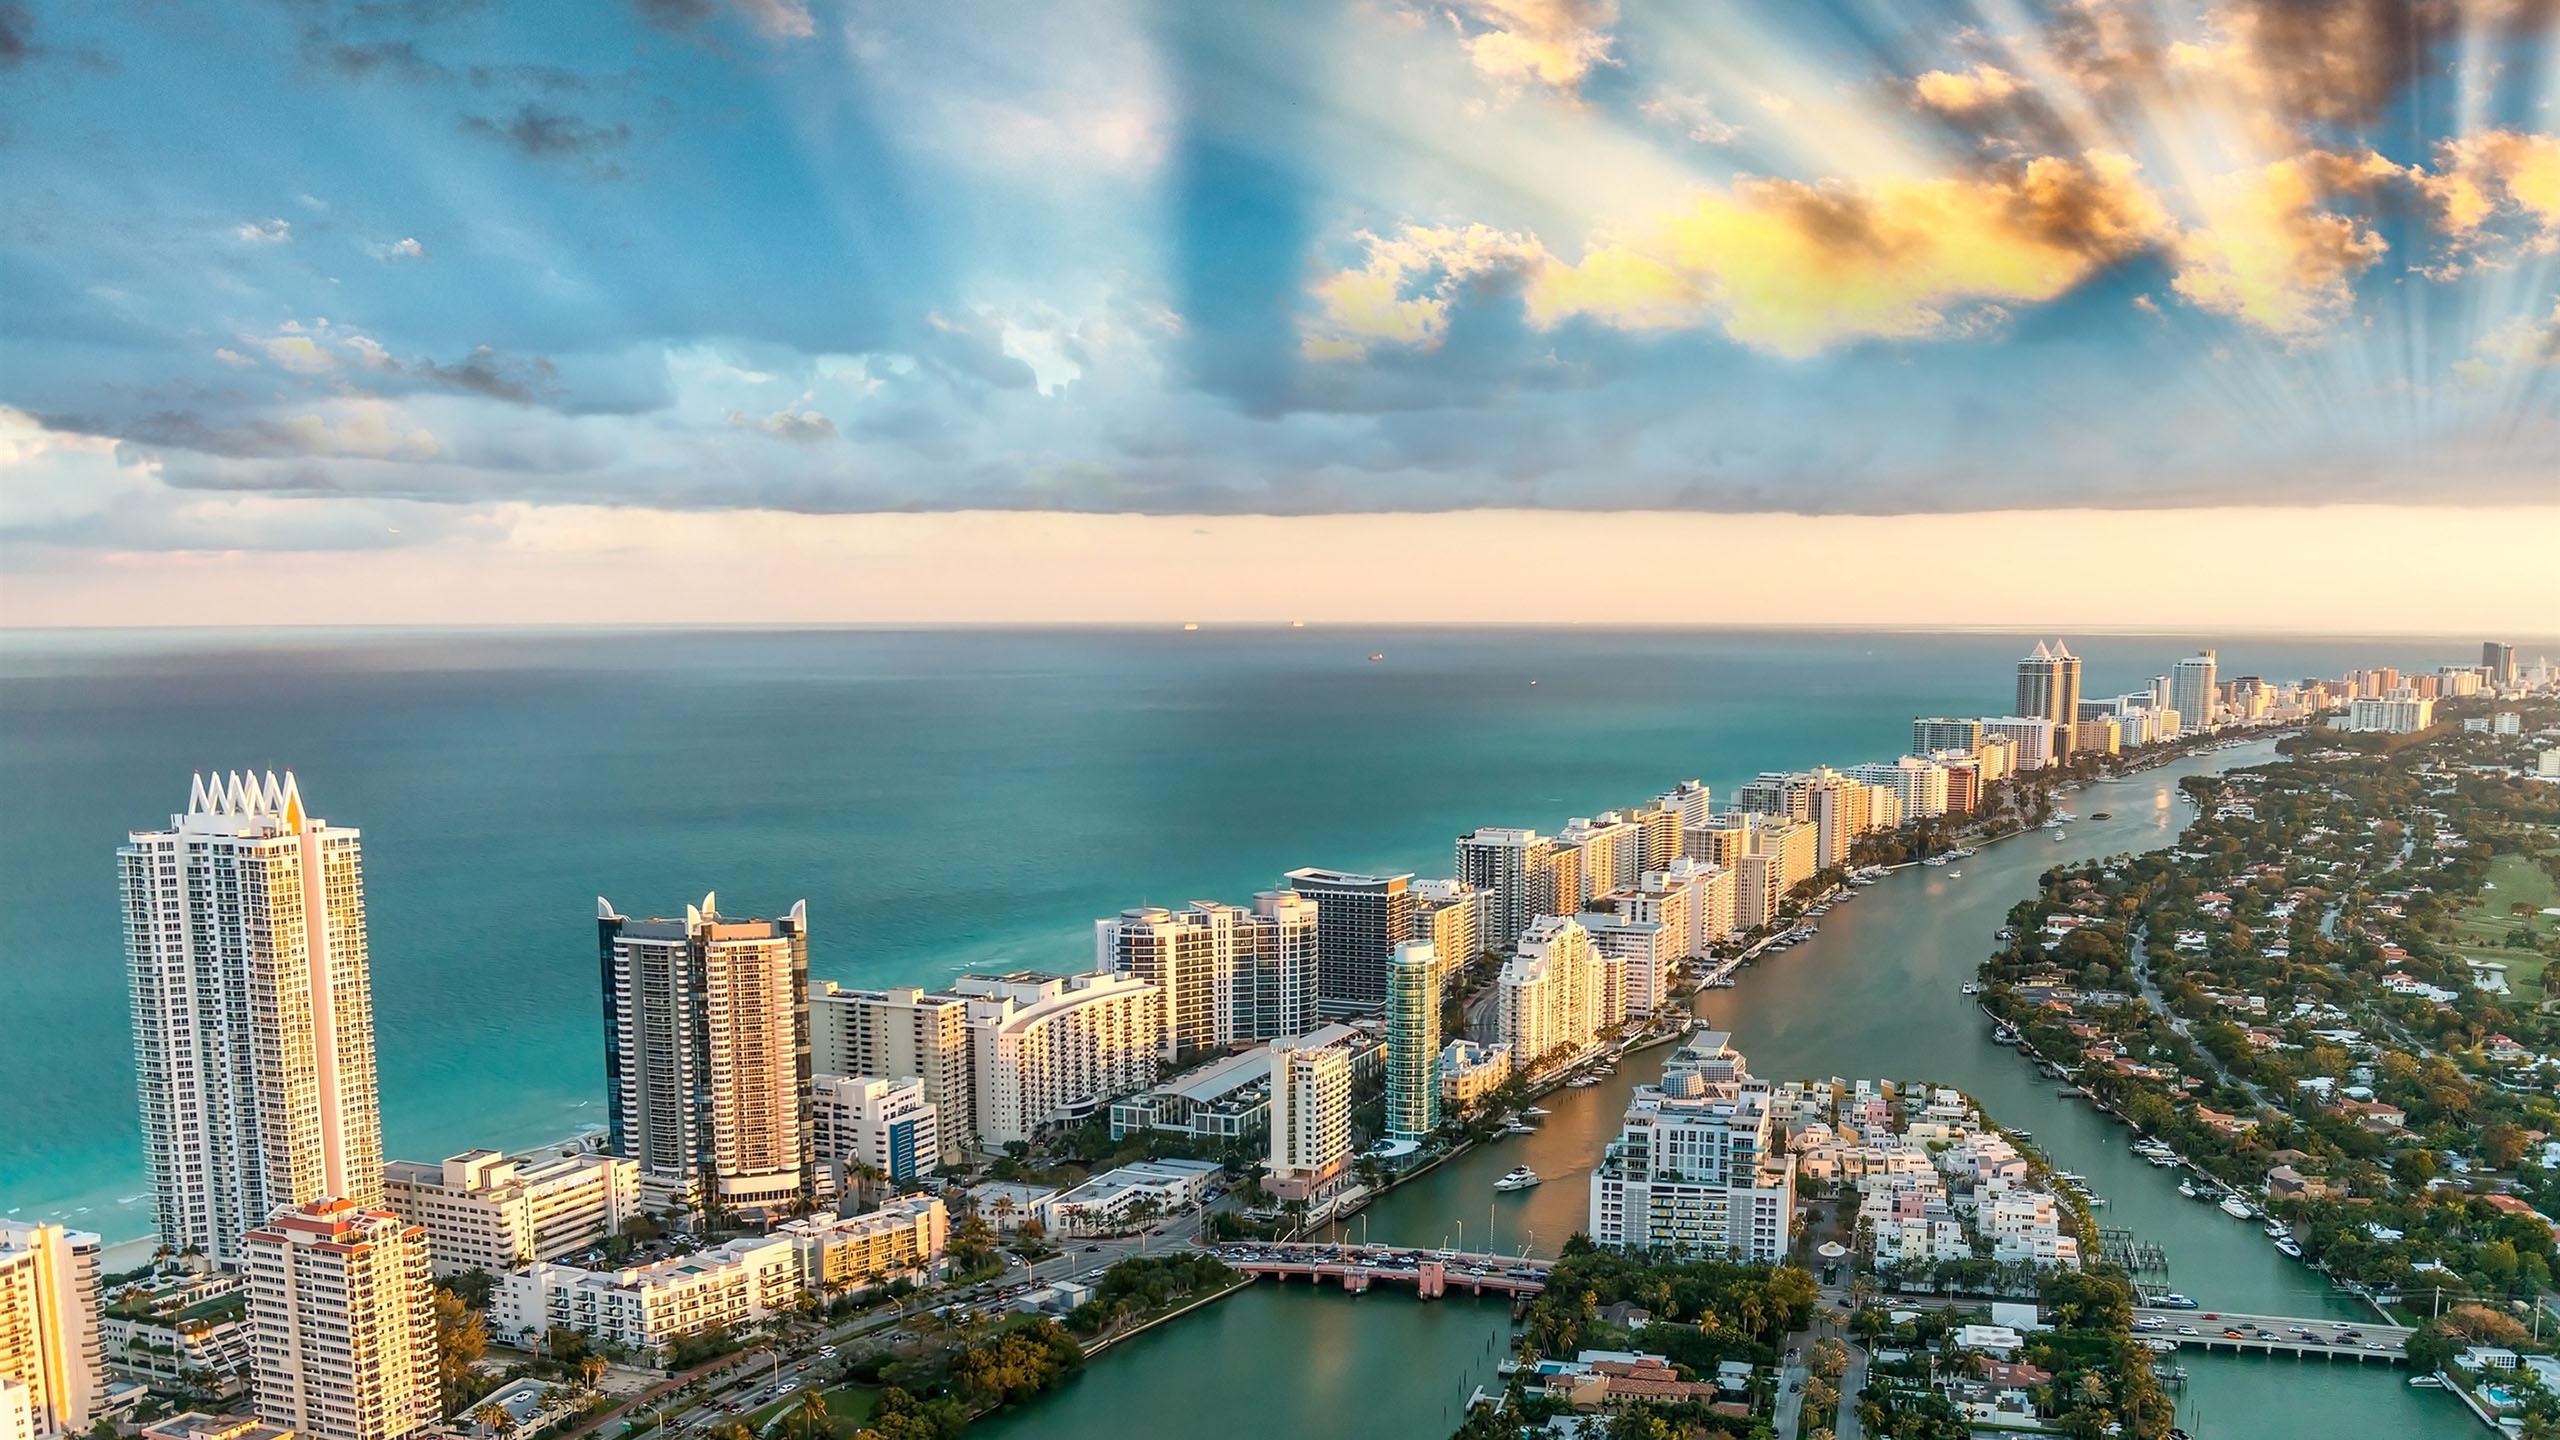 风景大片,海洋天堂,迈阿密,佛罗里达,海滨城市